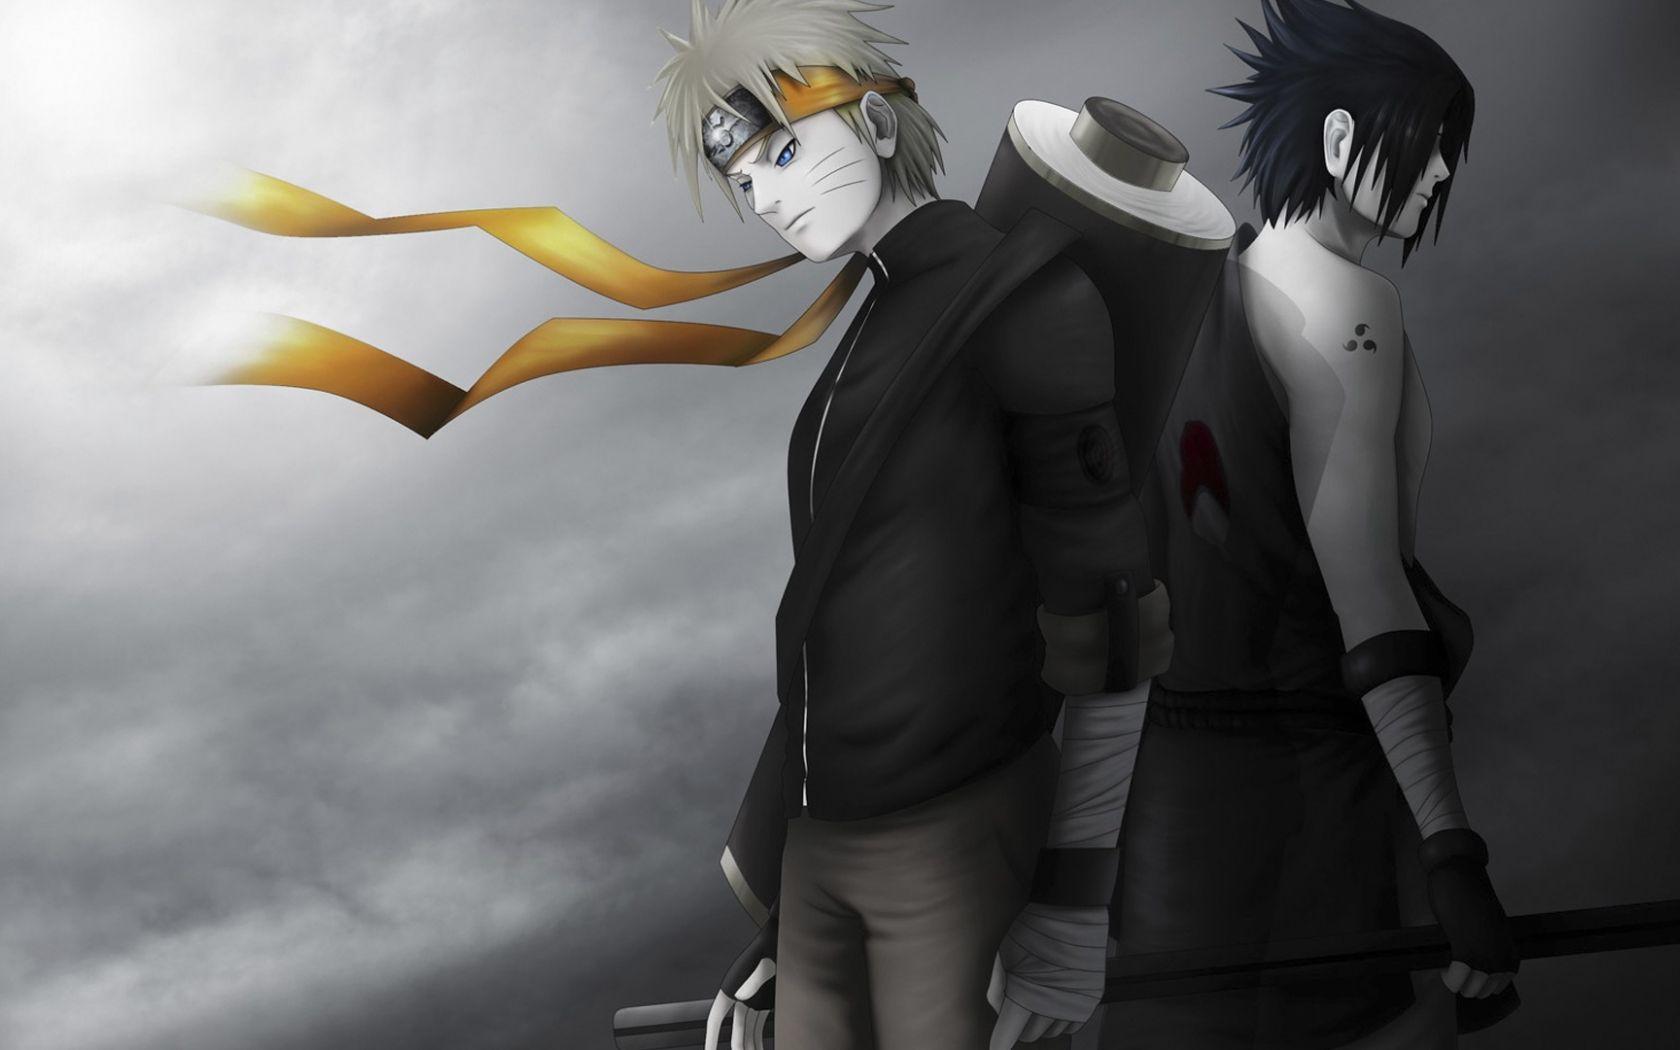 Anime 3d Wallpaper Free Download gambar ke 13